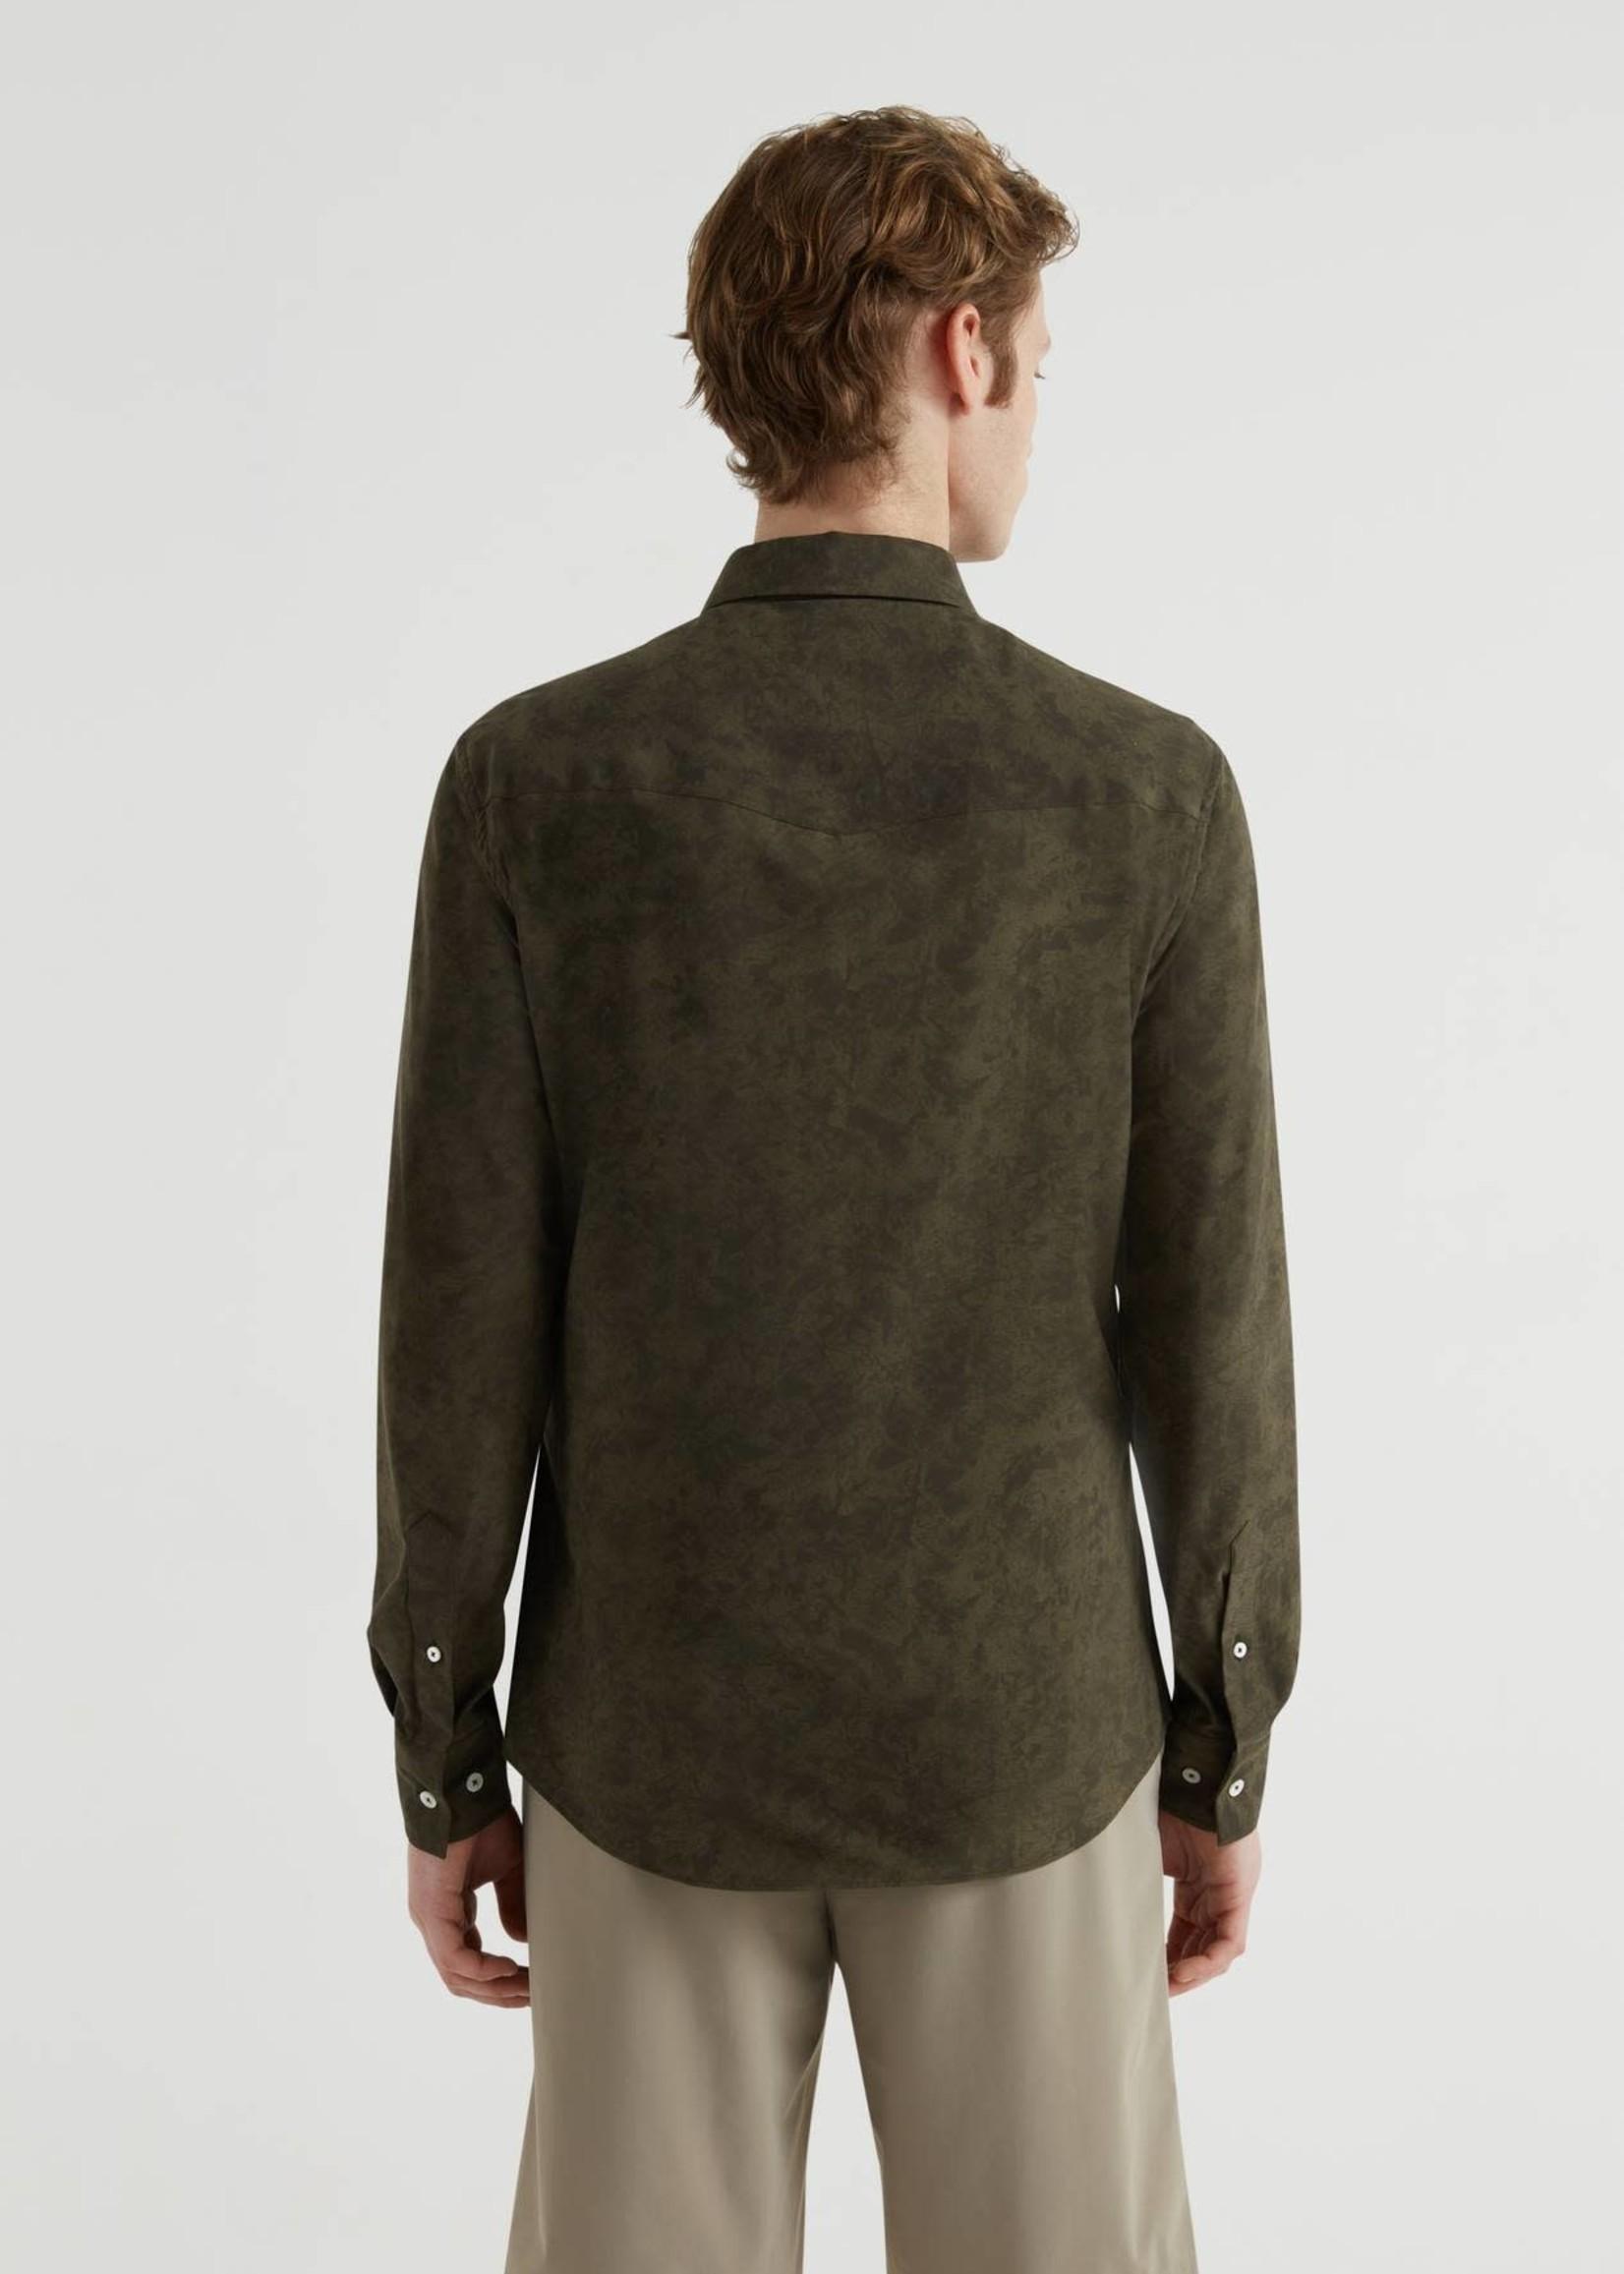 Traiano Groen Suede Look Flex Shirt